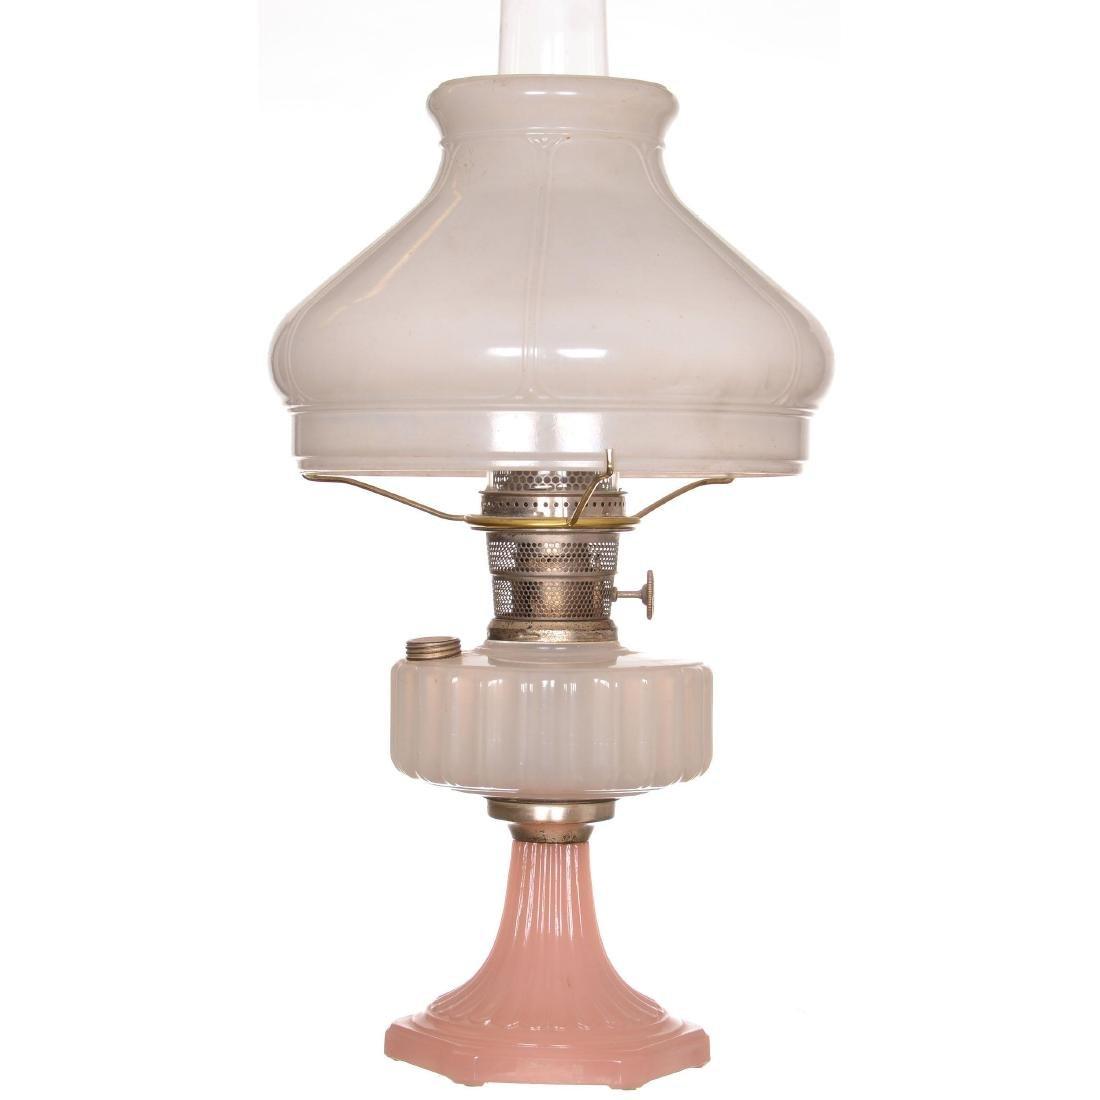 Original Aladdin Kerosene Lamp